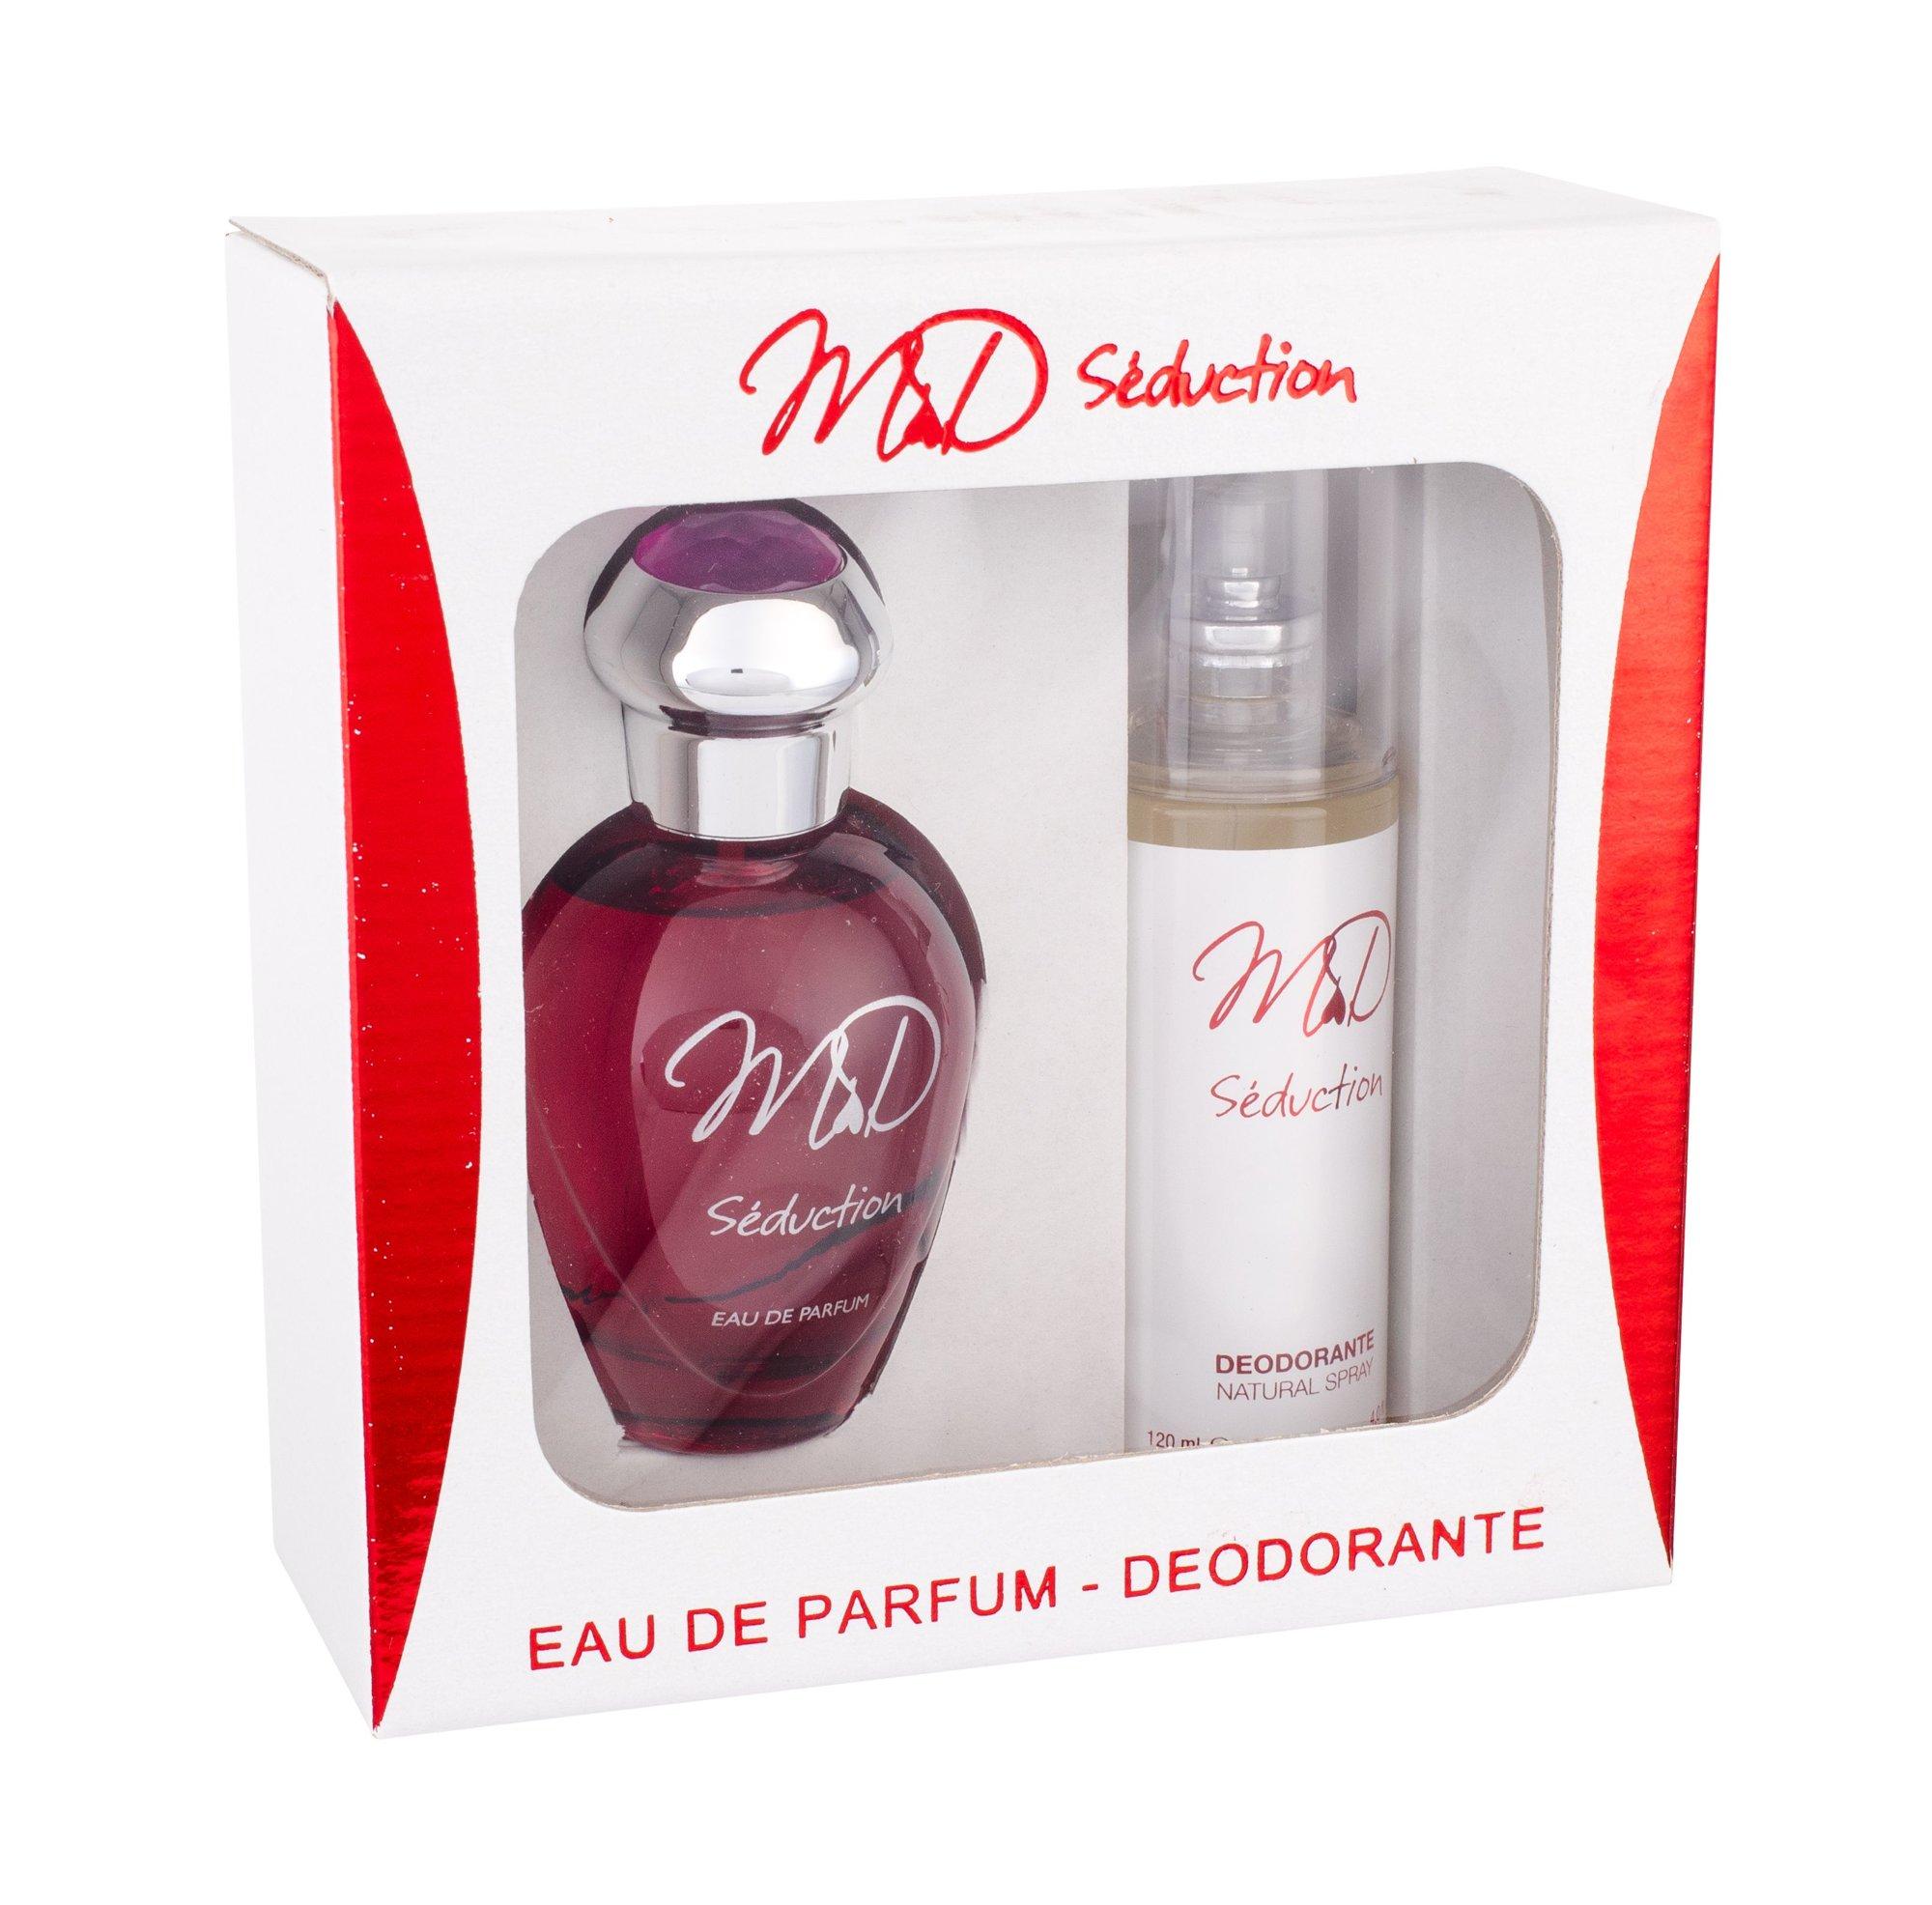 M&D Seduction Eau de Parfum 100ml